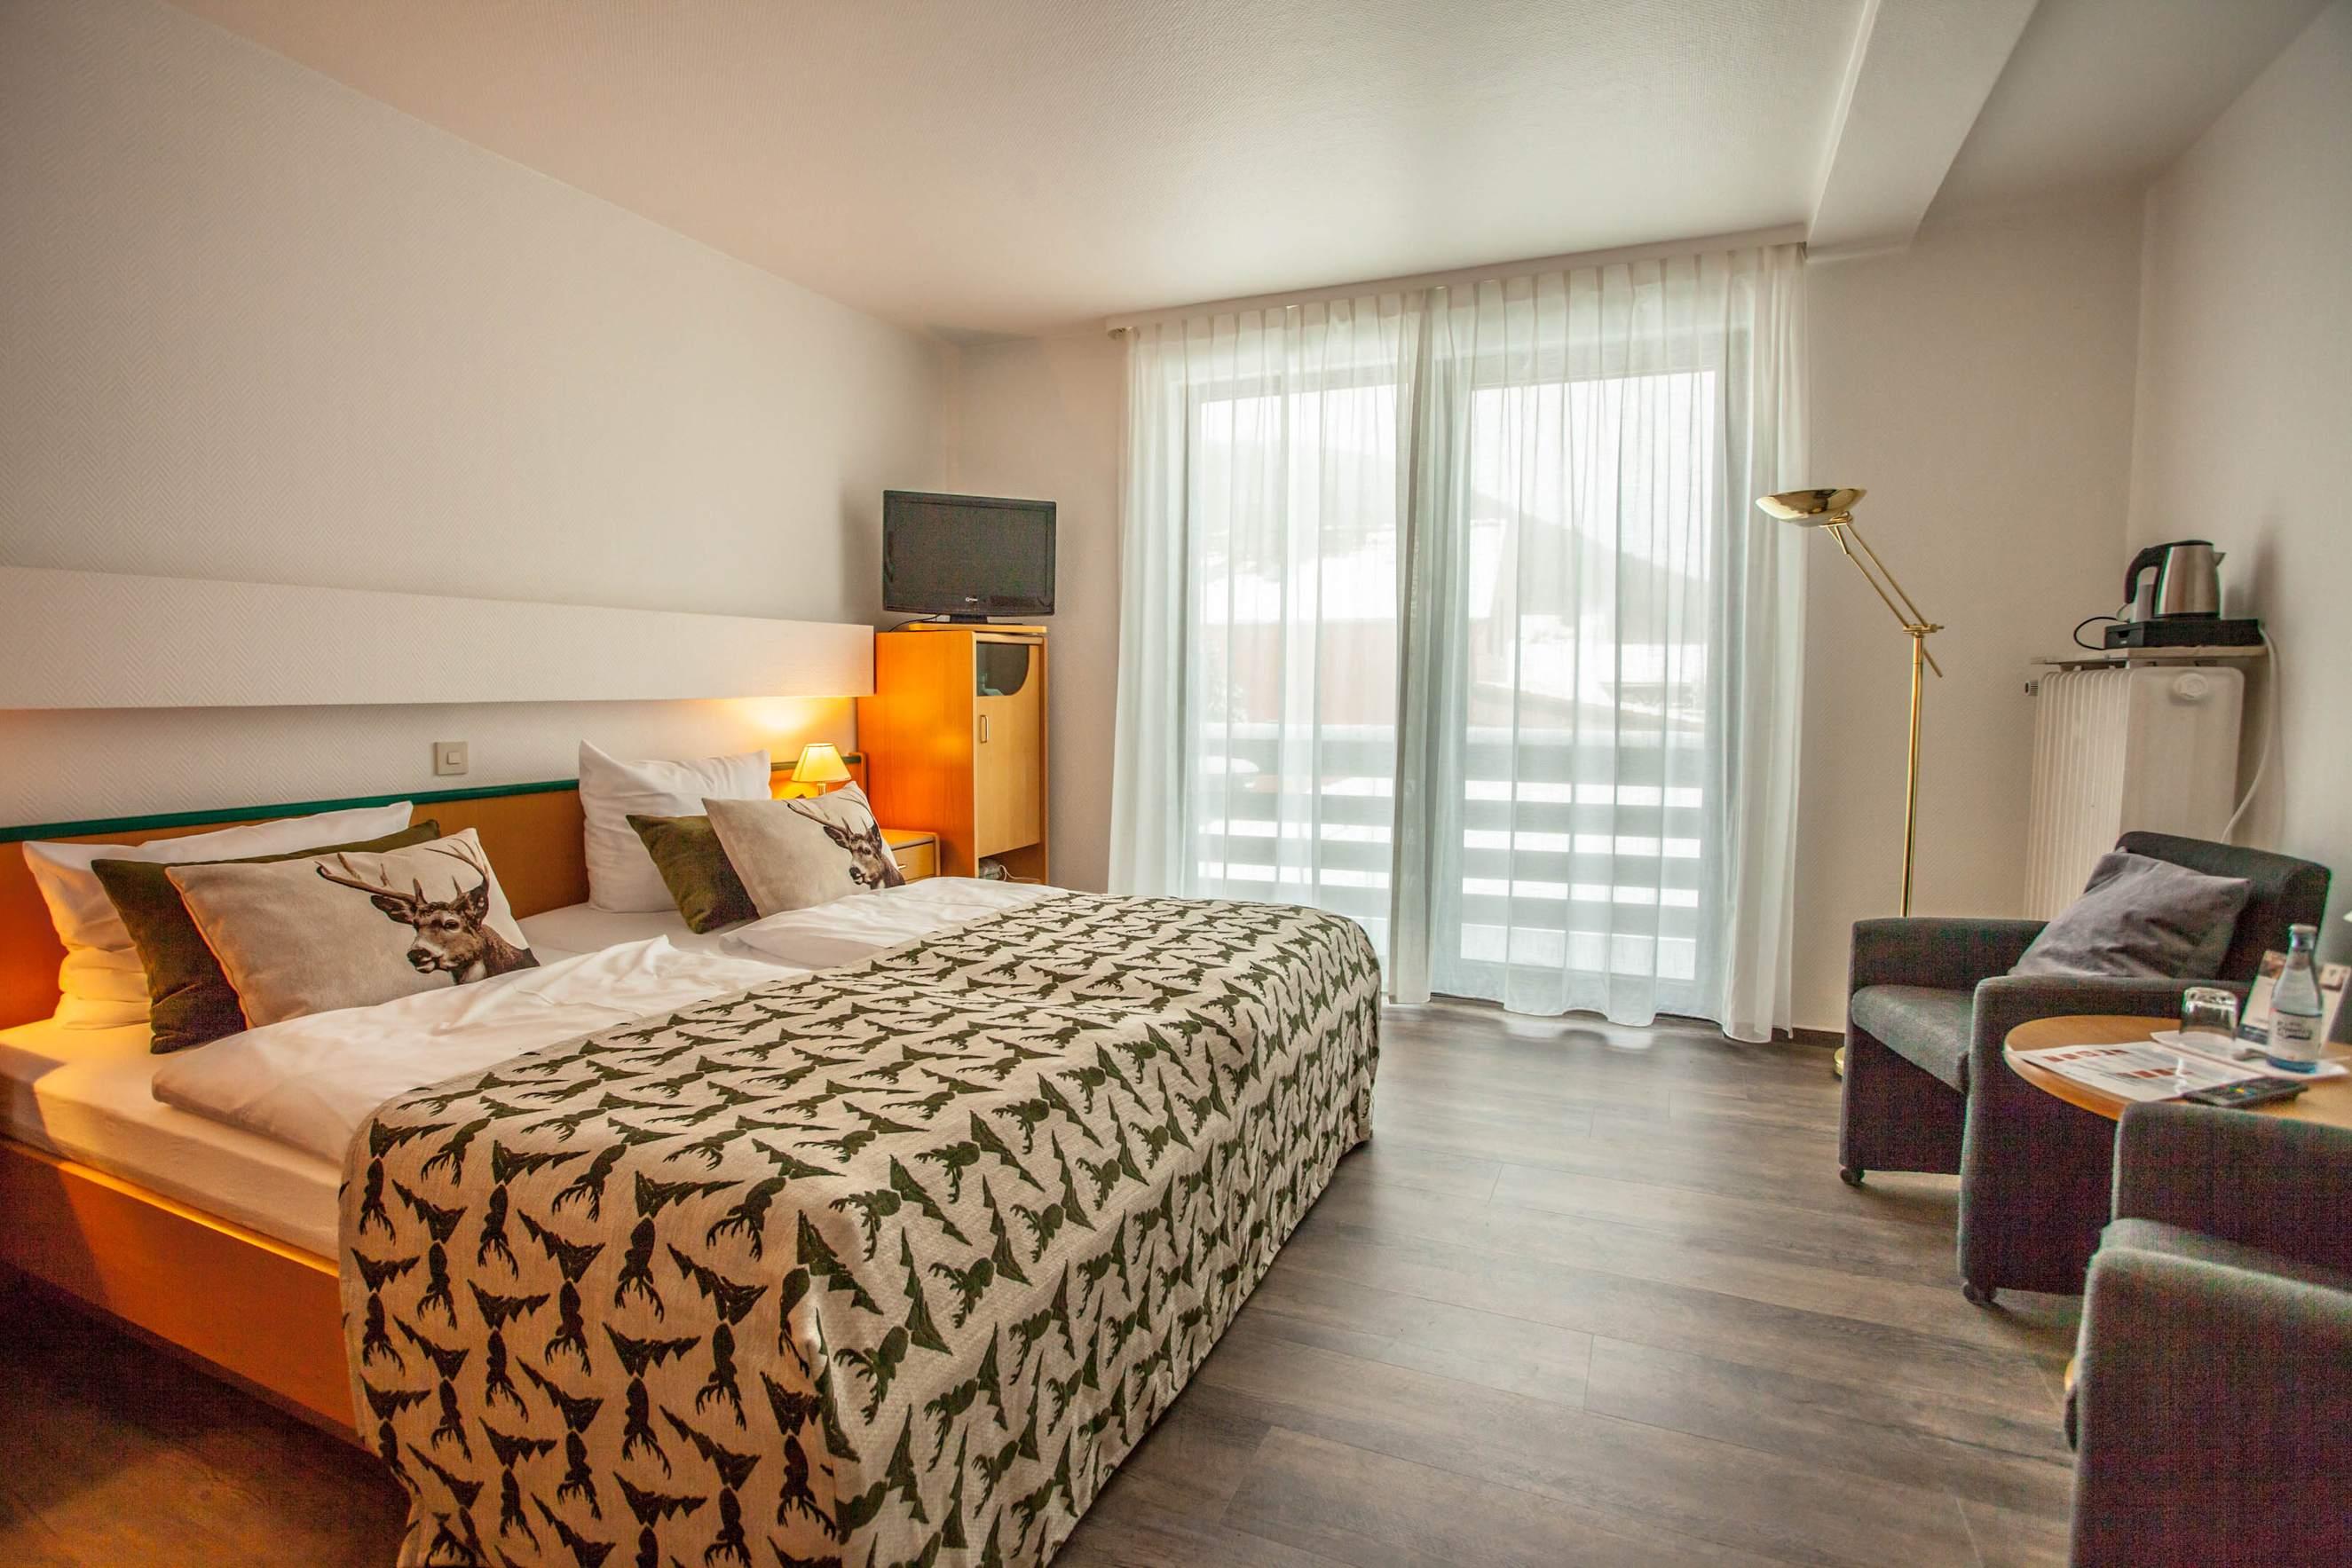 Harzhotel Haus Iris in Herzberg OT Sieber - Doppelzimmer mit Balkon